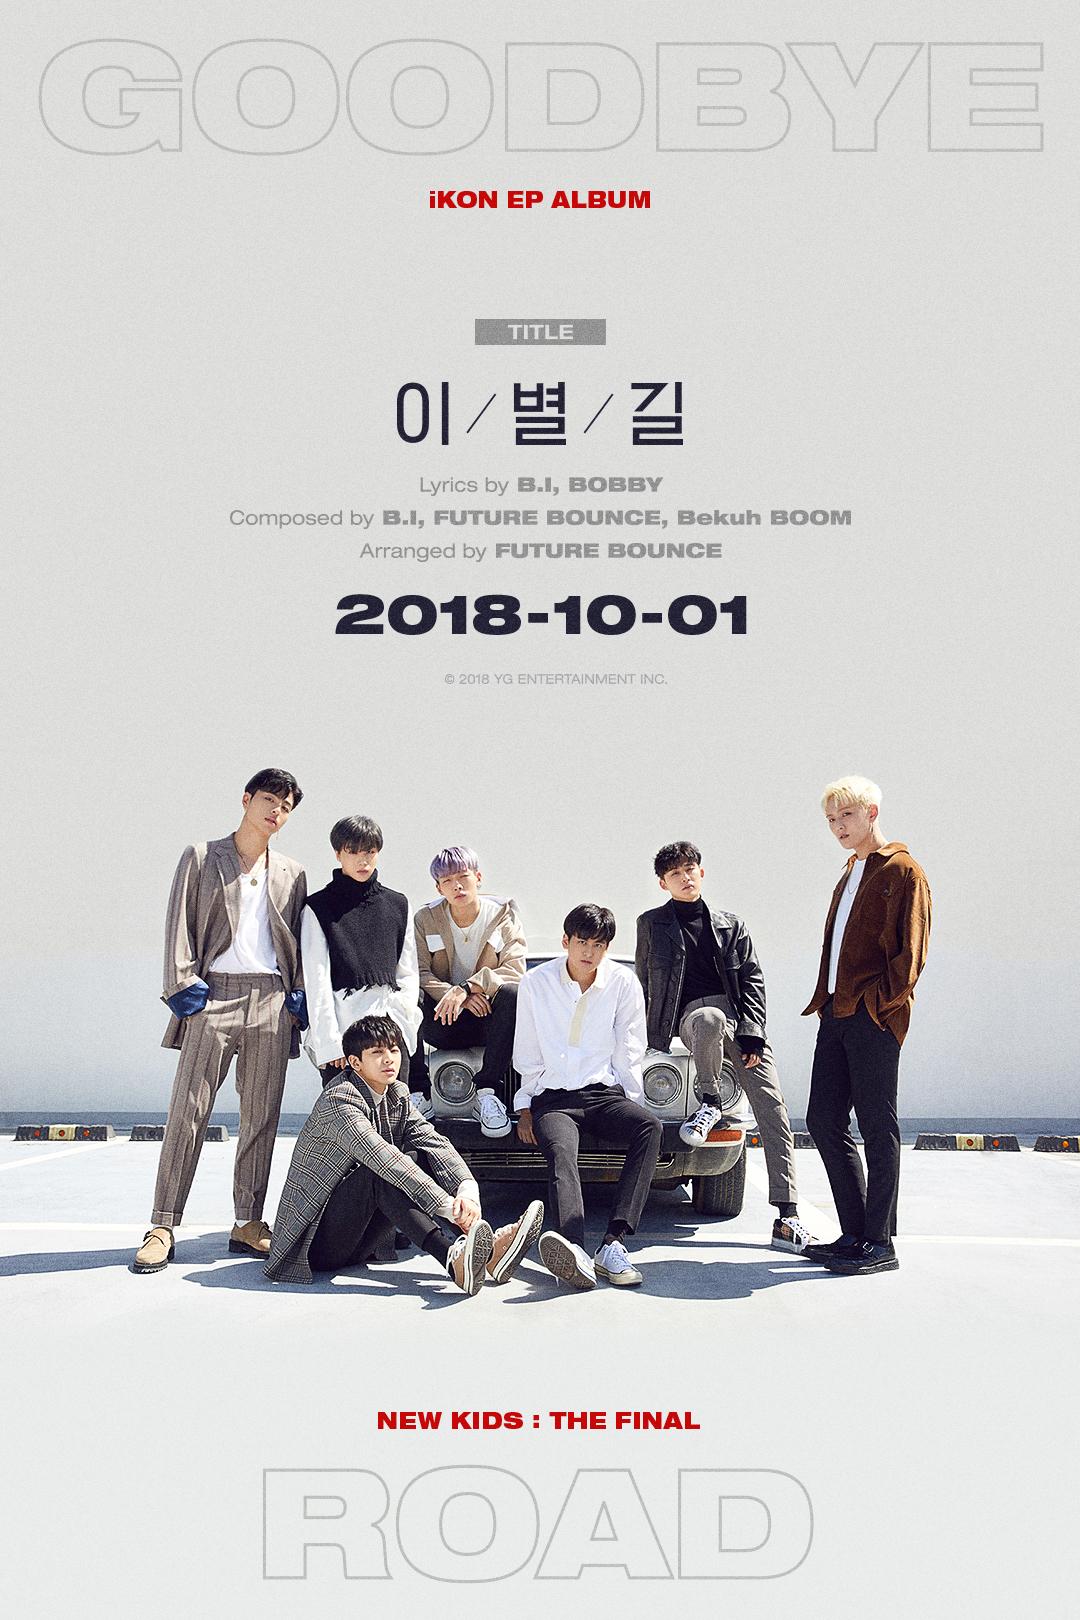 1일(월), 아이콘 미니 앨범 'NEW KIDS : THE FINAL' 발매 예정 | 인스티즈